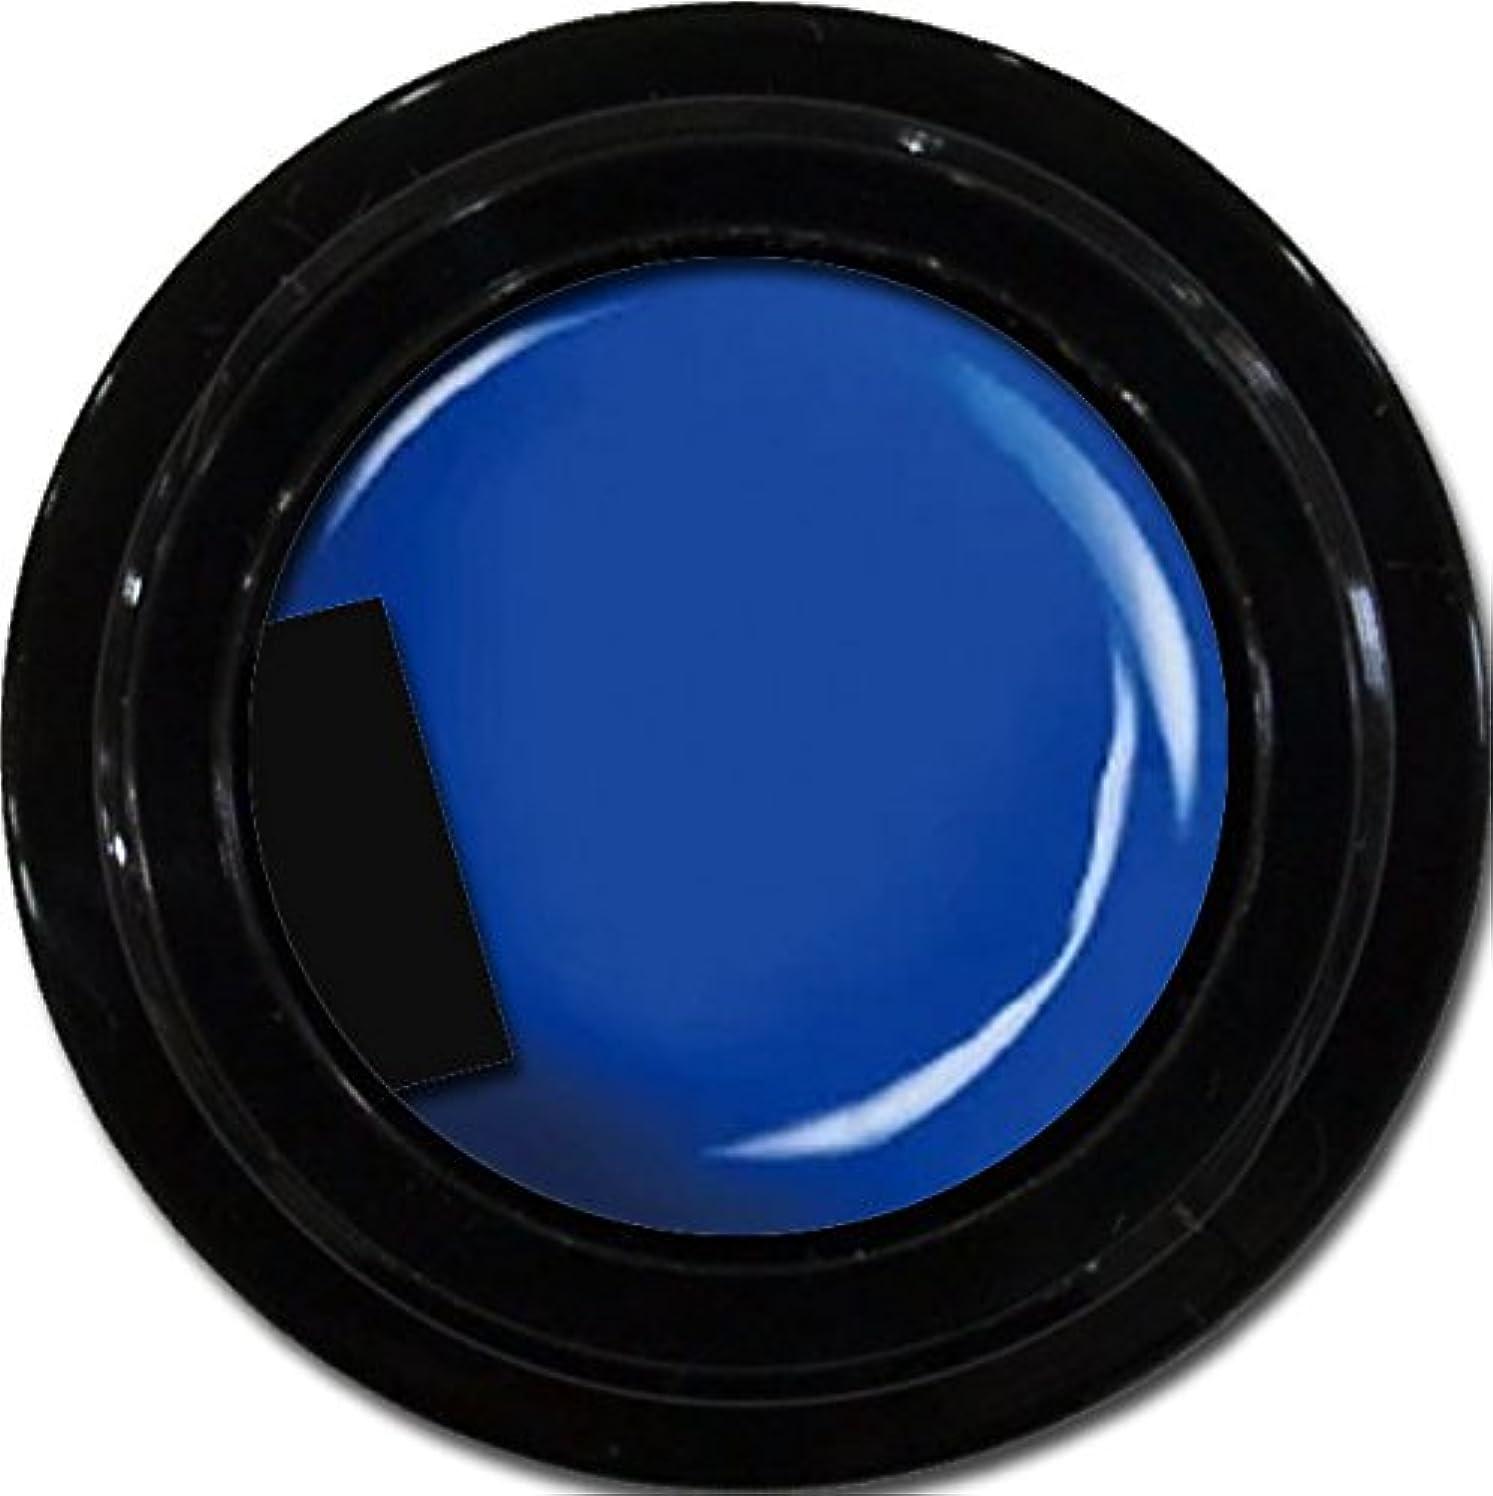 市の中心部クーポンかろうじてカラージェル enchant color gel M708 UltraMarine 3g/ マットカラージェル M708 ウルトラマリン 3グラム